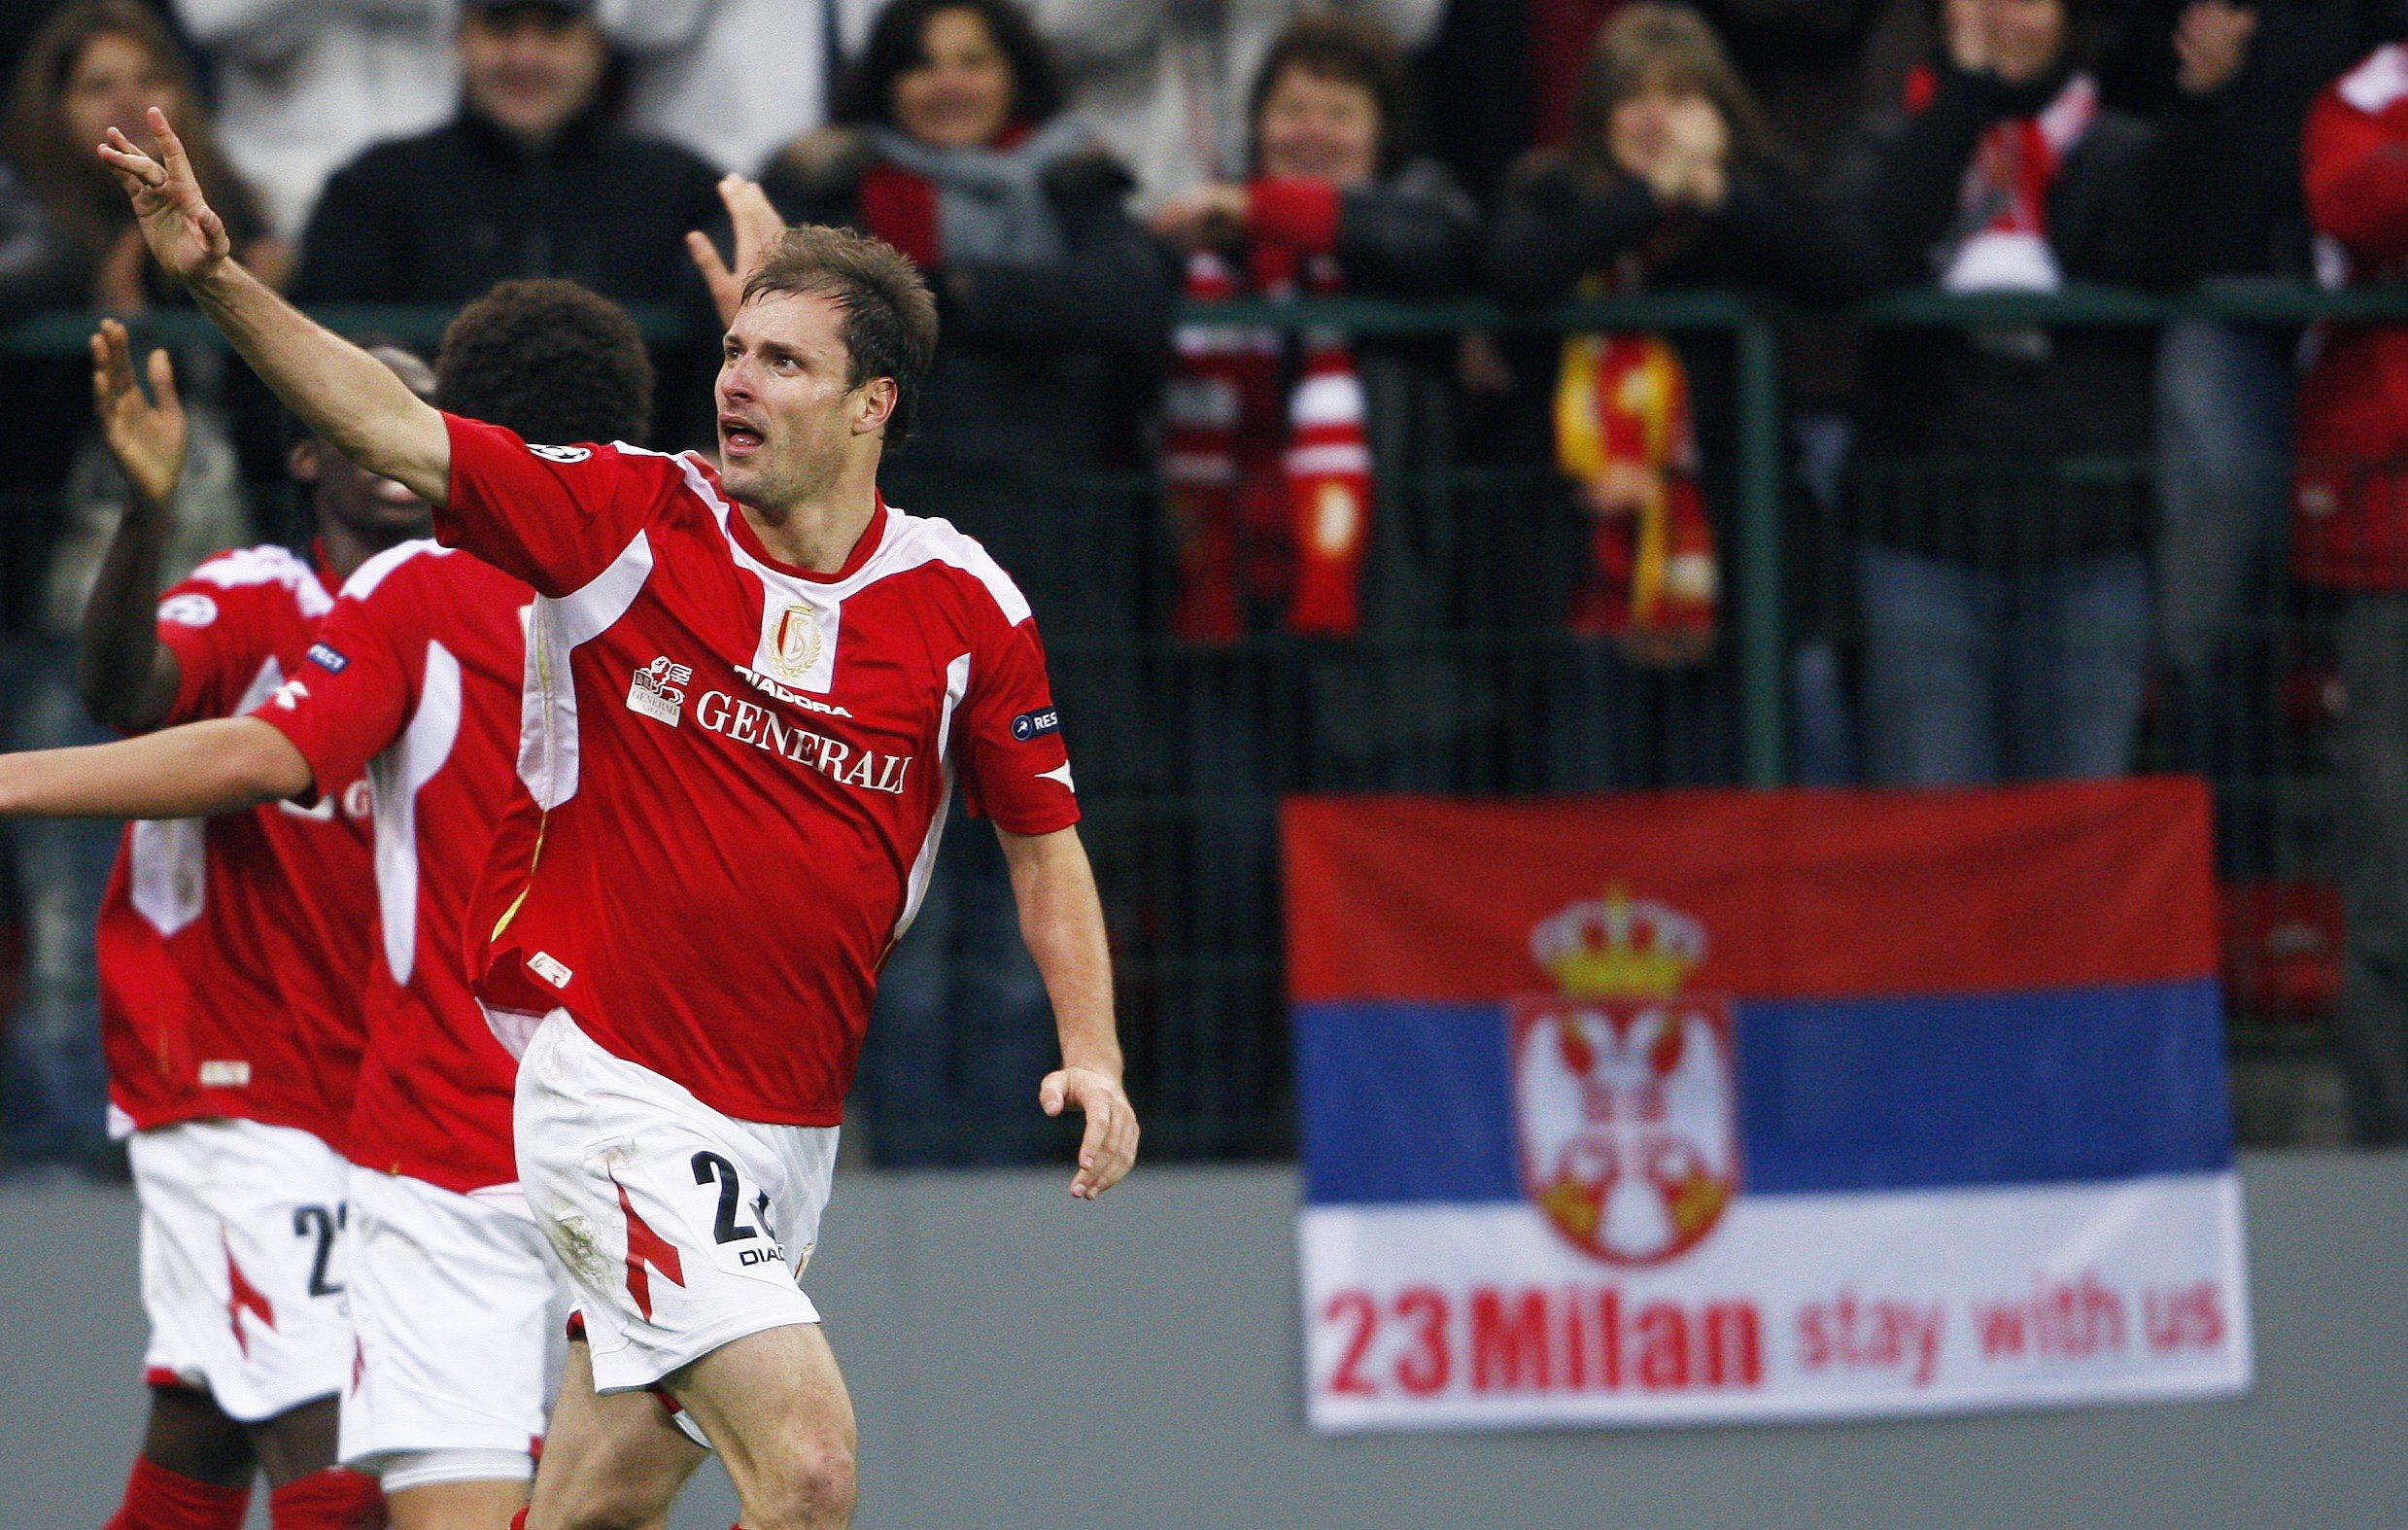 2 γκολ πέτυχε ο Γιοβάνοβιτς